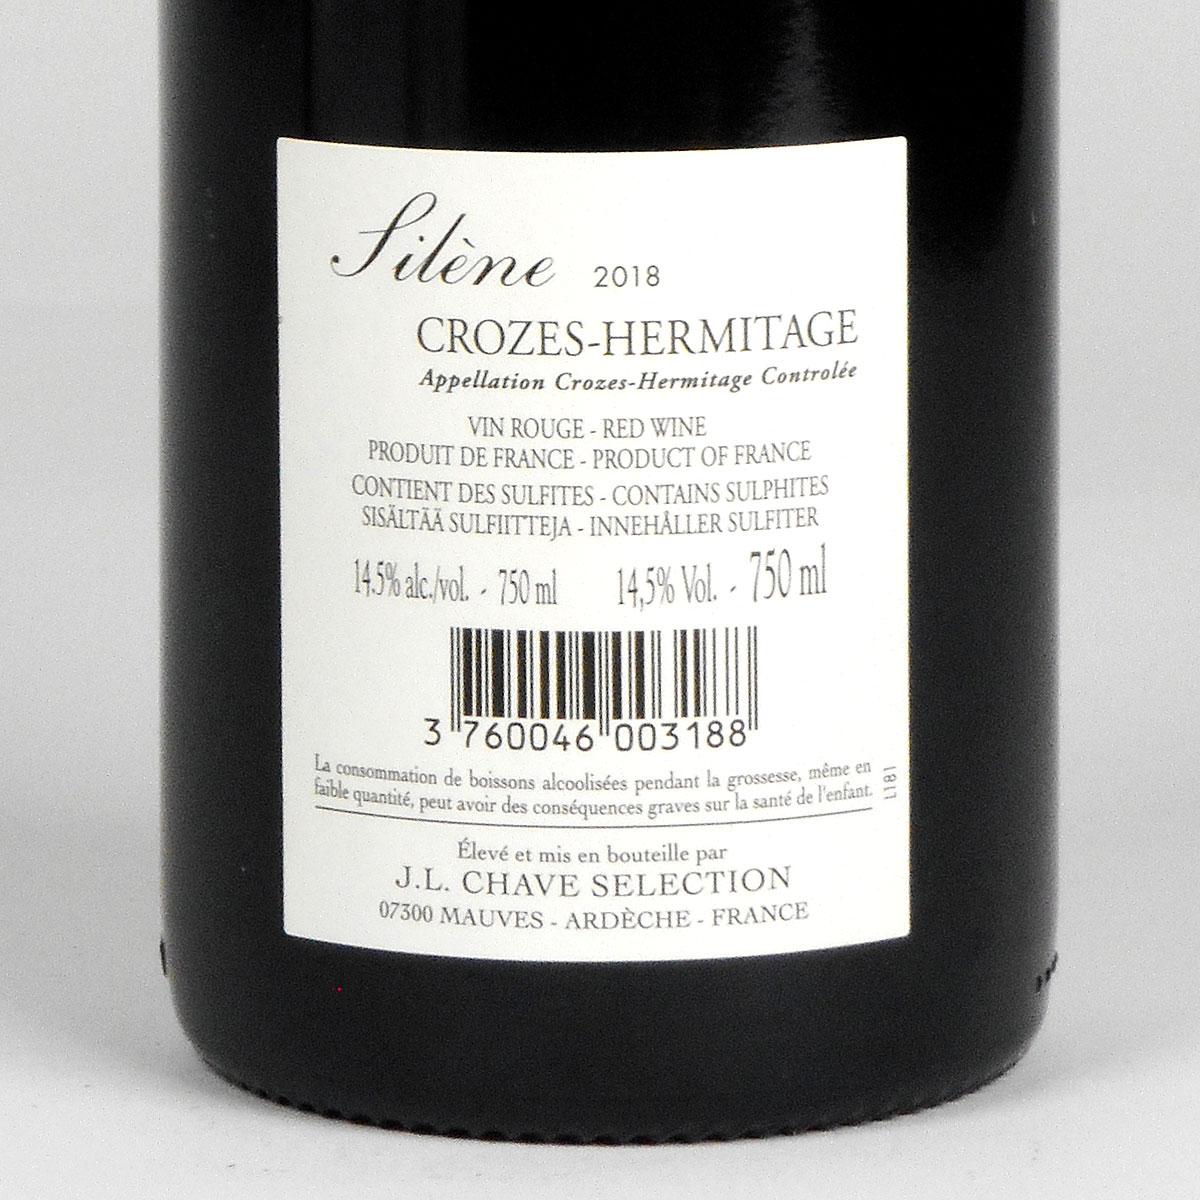 Crozes-Hermitage: Jean-Louis Chave Sélection 'Silène' 2018 - Bottle Rear Label